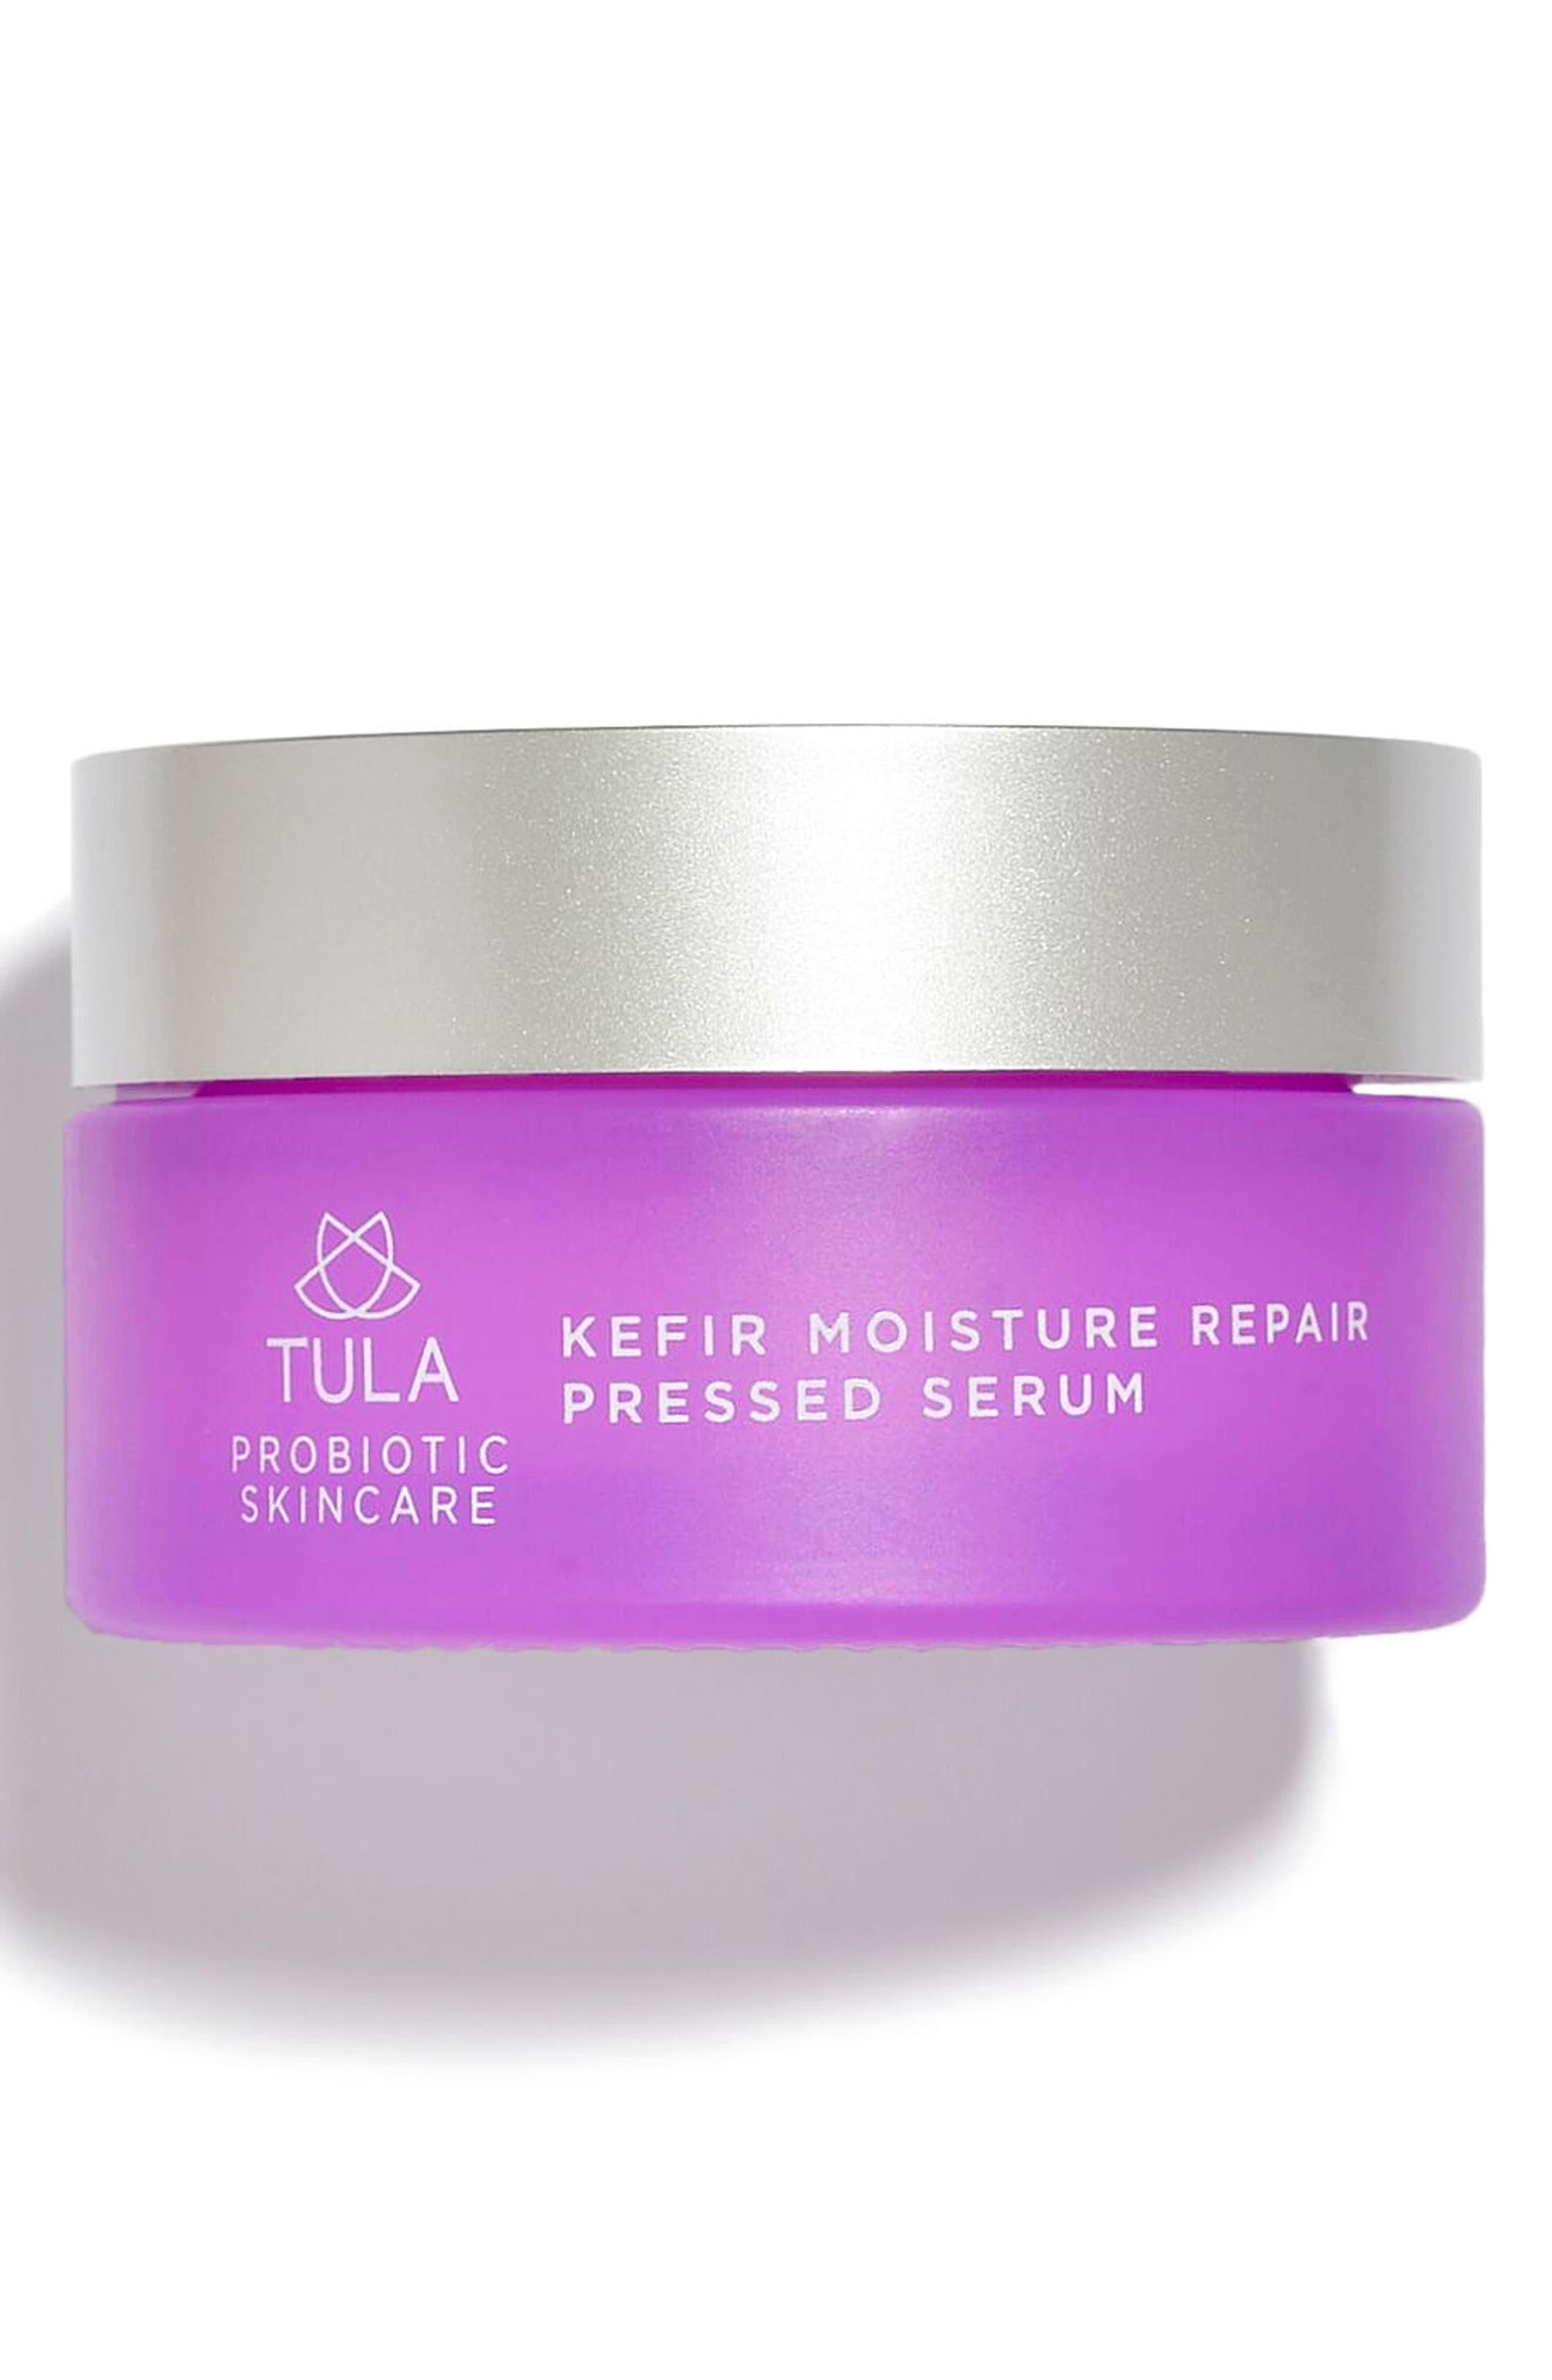 Tula Probiotic Skincare Kefir Moisture Repair